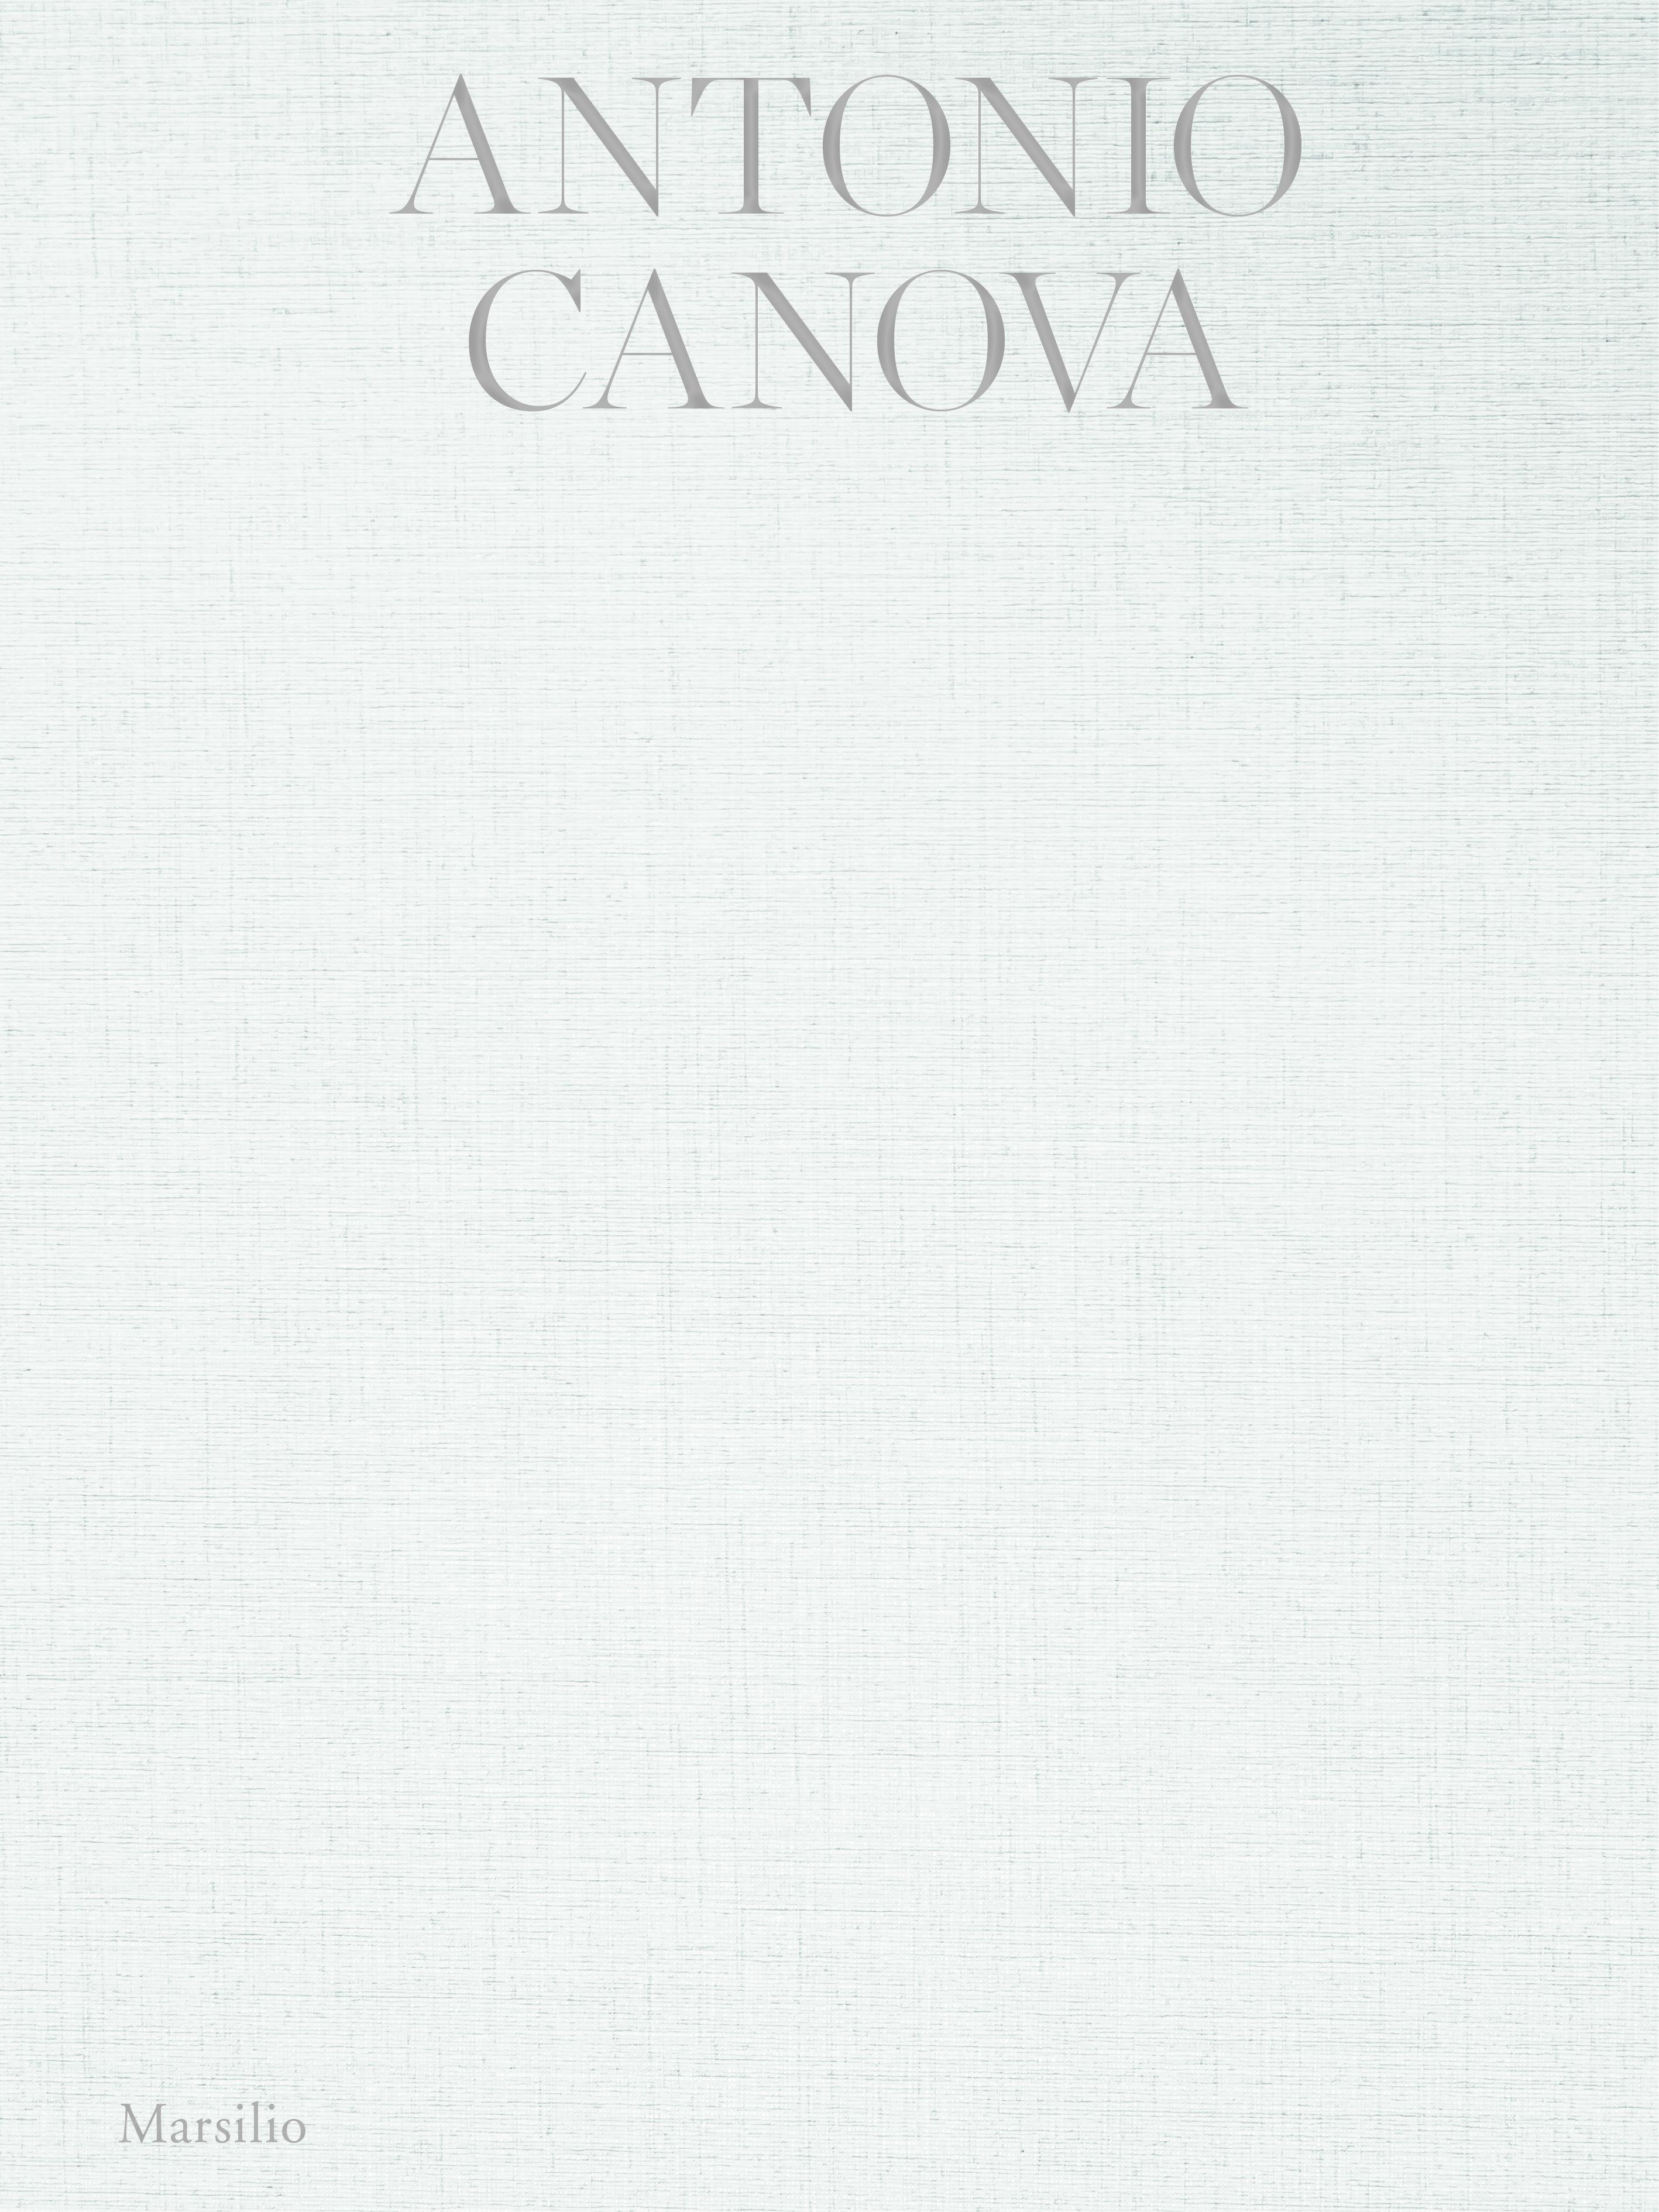 Antonio Canova. Atelier